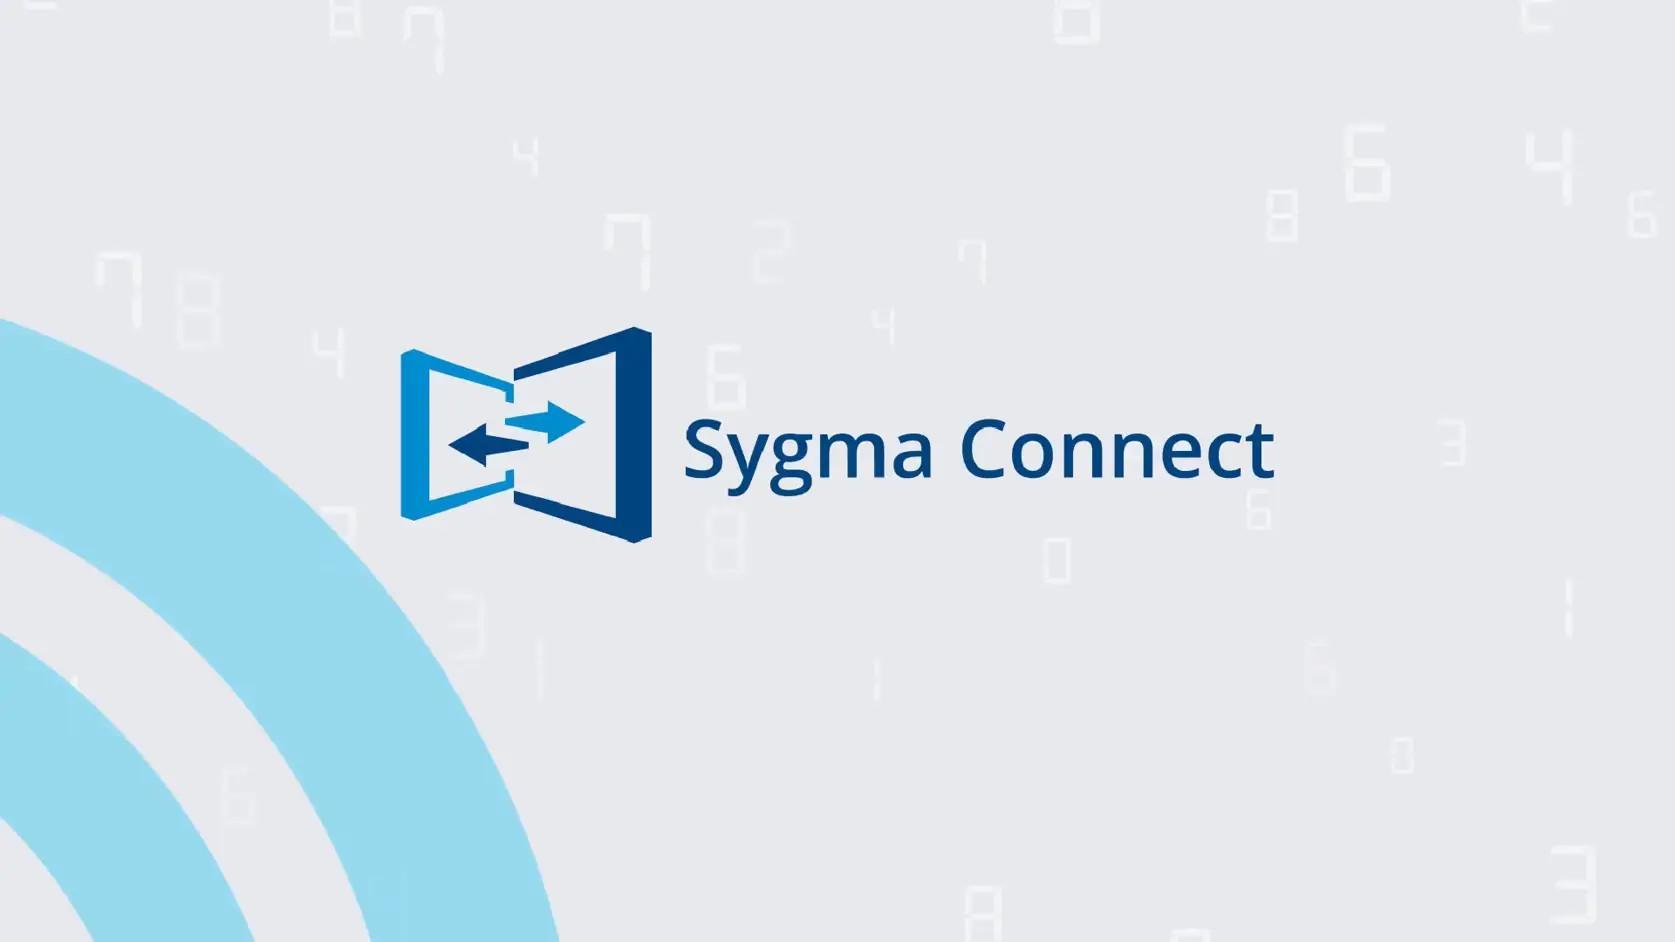 Recensioni Sygma Connect: La soluzione low-cost di controllo remoto 100% italiana - appvizer